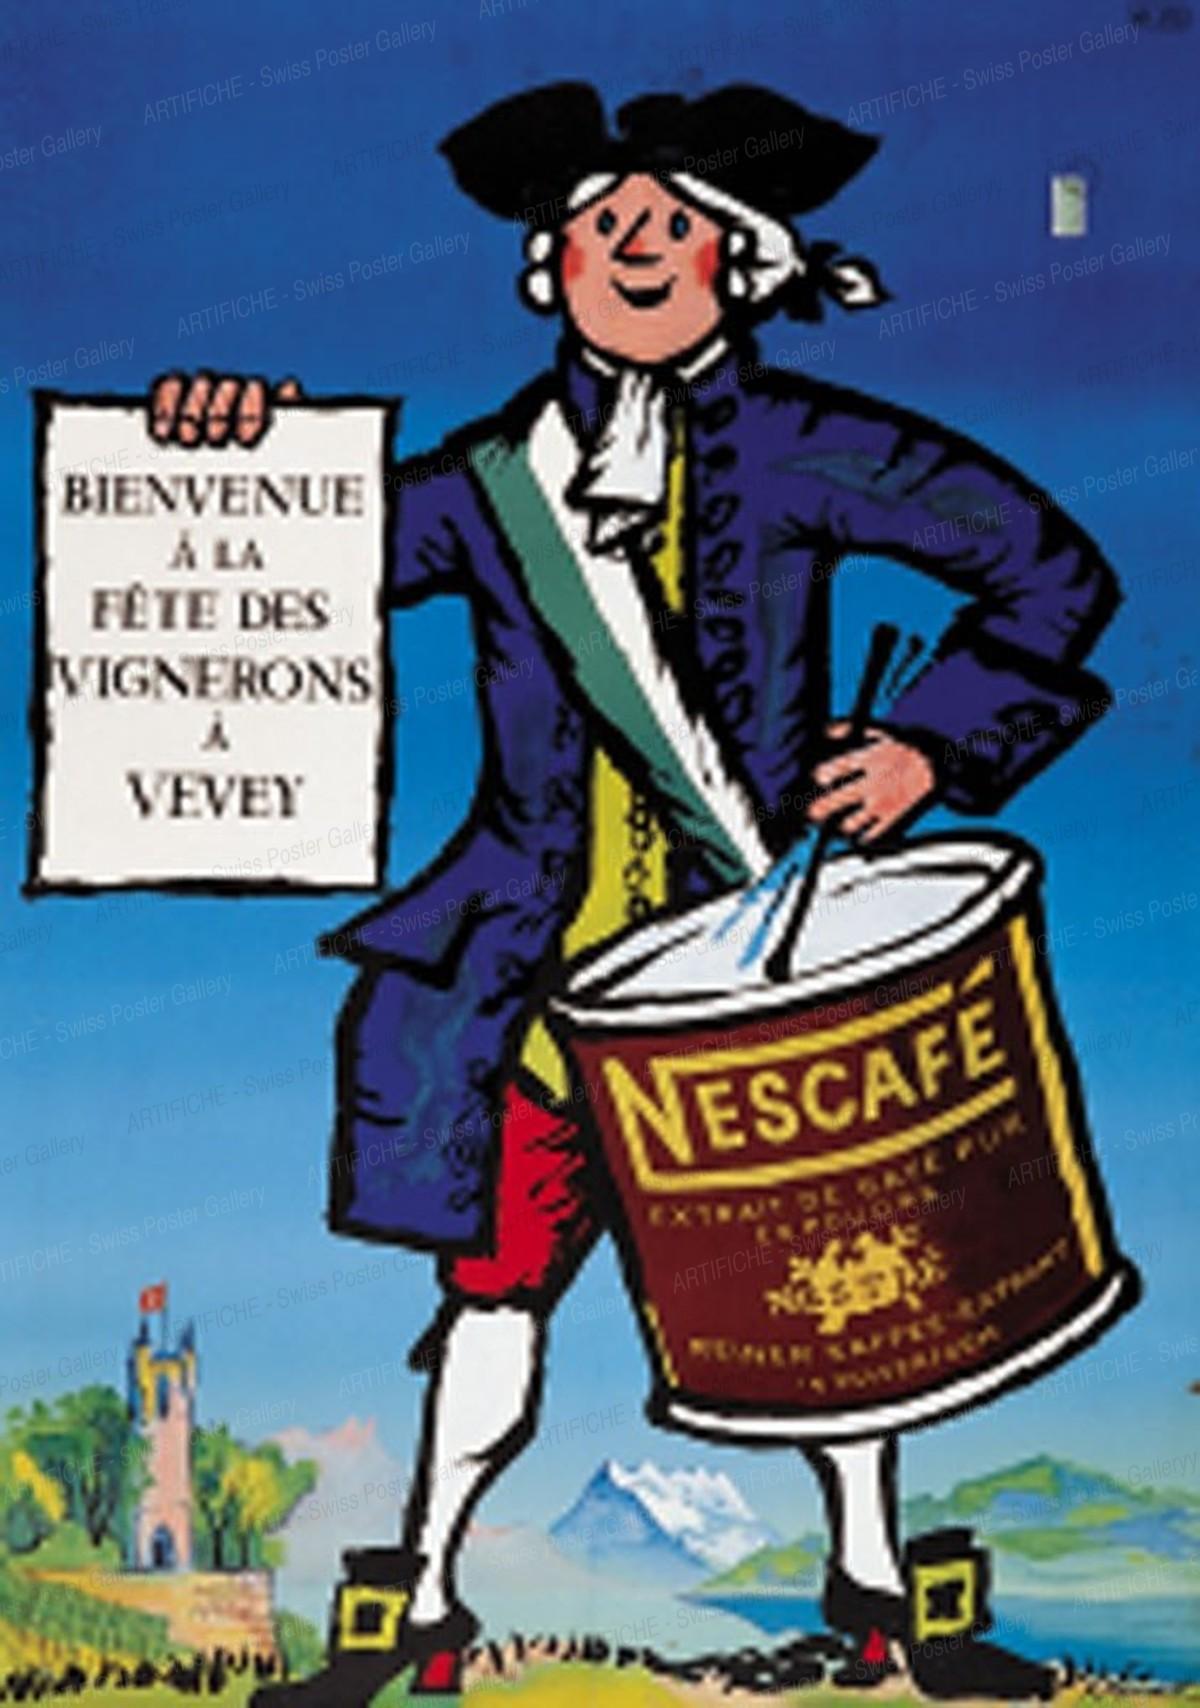 Bienvenue à la Fête des Vignerons à Vevey – Nescafé, Pierre Monnerat